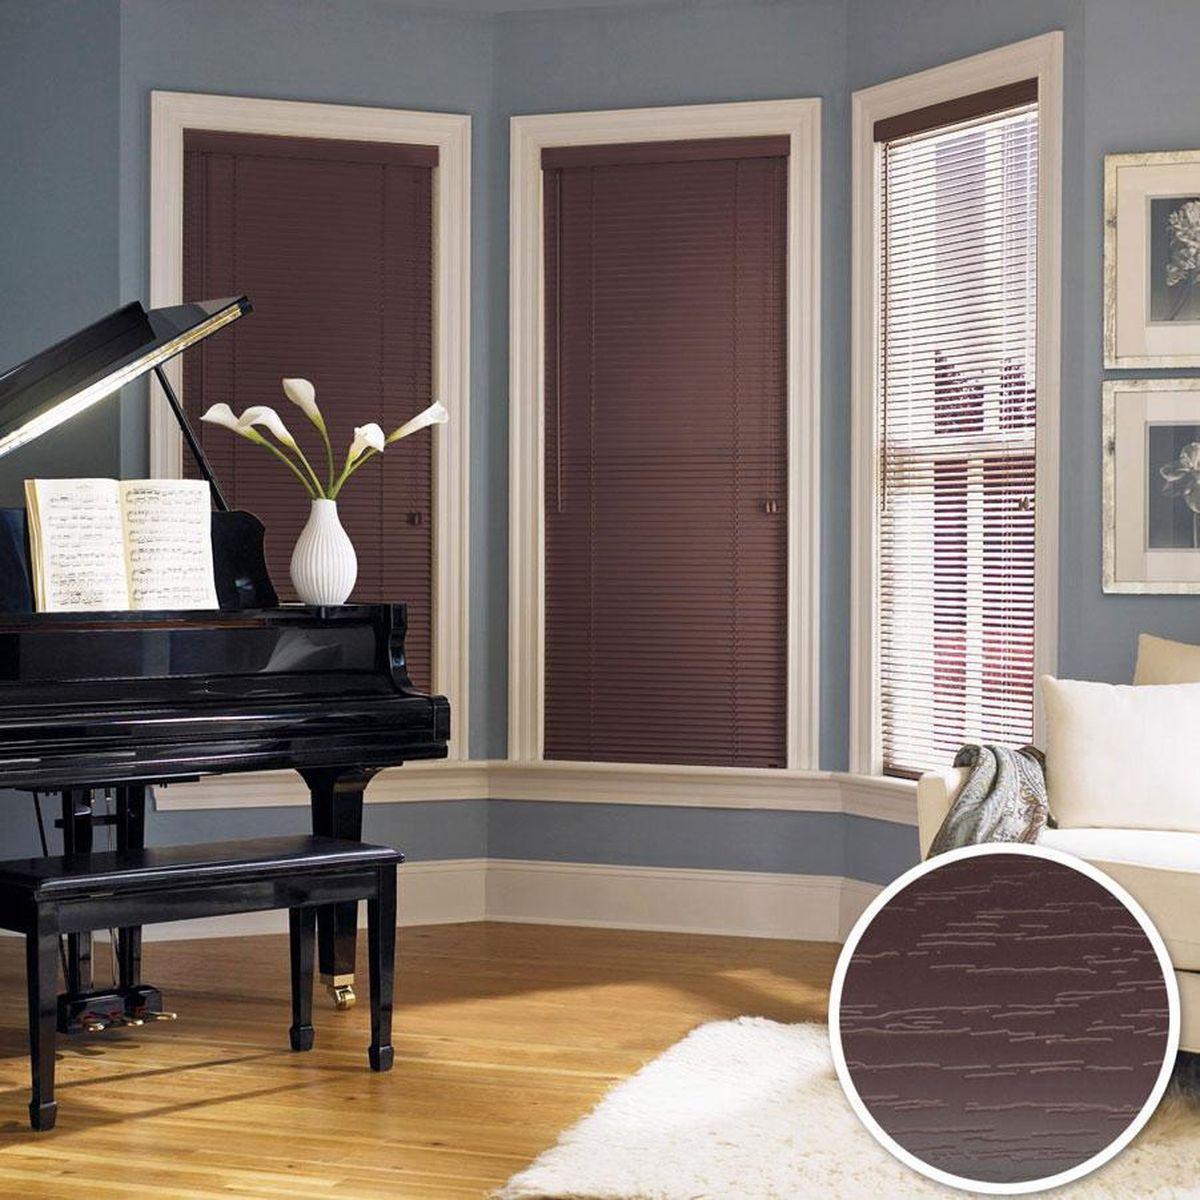 Для того чтобы придать интерьеру изюминку и завершенность, нет ничего лучше, чем использовать жалюзи на окнах квартиры, дома или офиса. С их помощью можно подчеркнуть индивидуальный вкус, а также стилевое оформление помещения. Помимо декоративных функций, жалюзи выполняют и практические задачи: они защищают от излишнего солнечного света, не дают помещению нагреваться, а также создают уют в темное время суток.  Пластиковые жалюзи - самое универсальное и недорогое решение для любого помещения. Купить их может каждый, а широкий выбор размеров под самые популярные габариты сделает покупку простой и удобной. Пластиковые жалюзи имеют высокие эксплуатационные характеристики - они гигиеничны, что делает их незаменимыми при монтаже в детских и медицинских учреждениях.